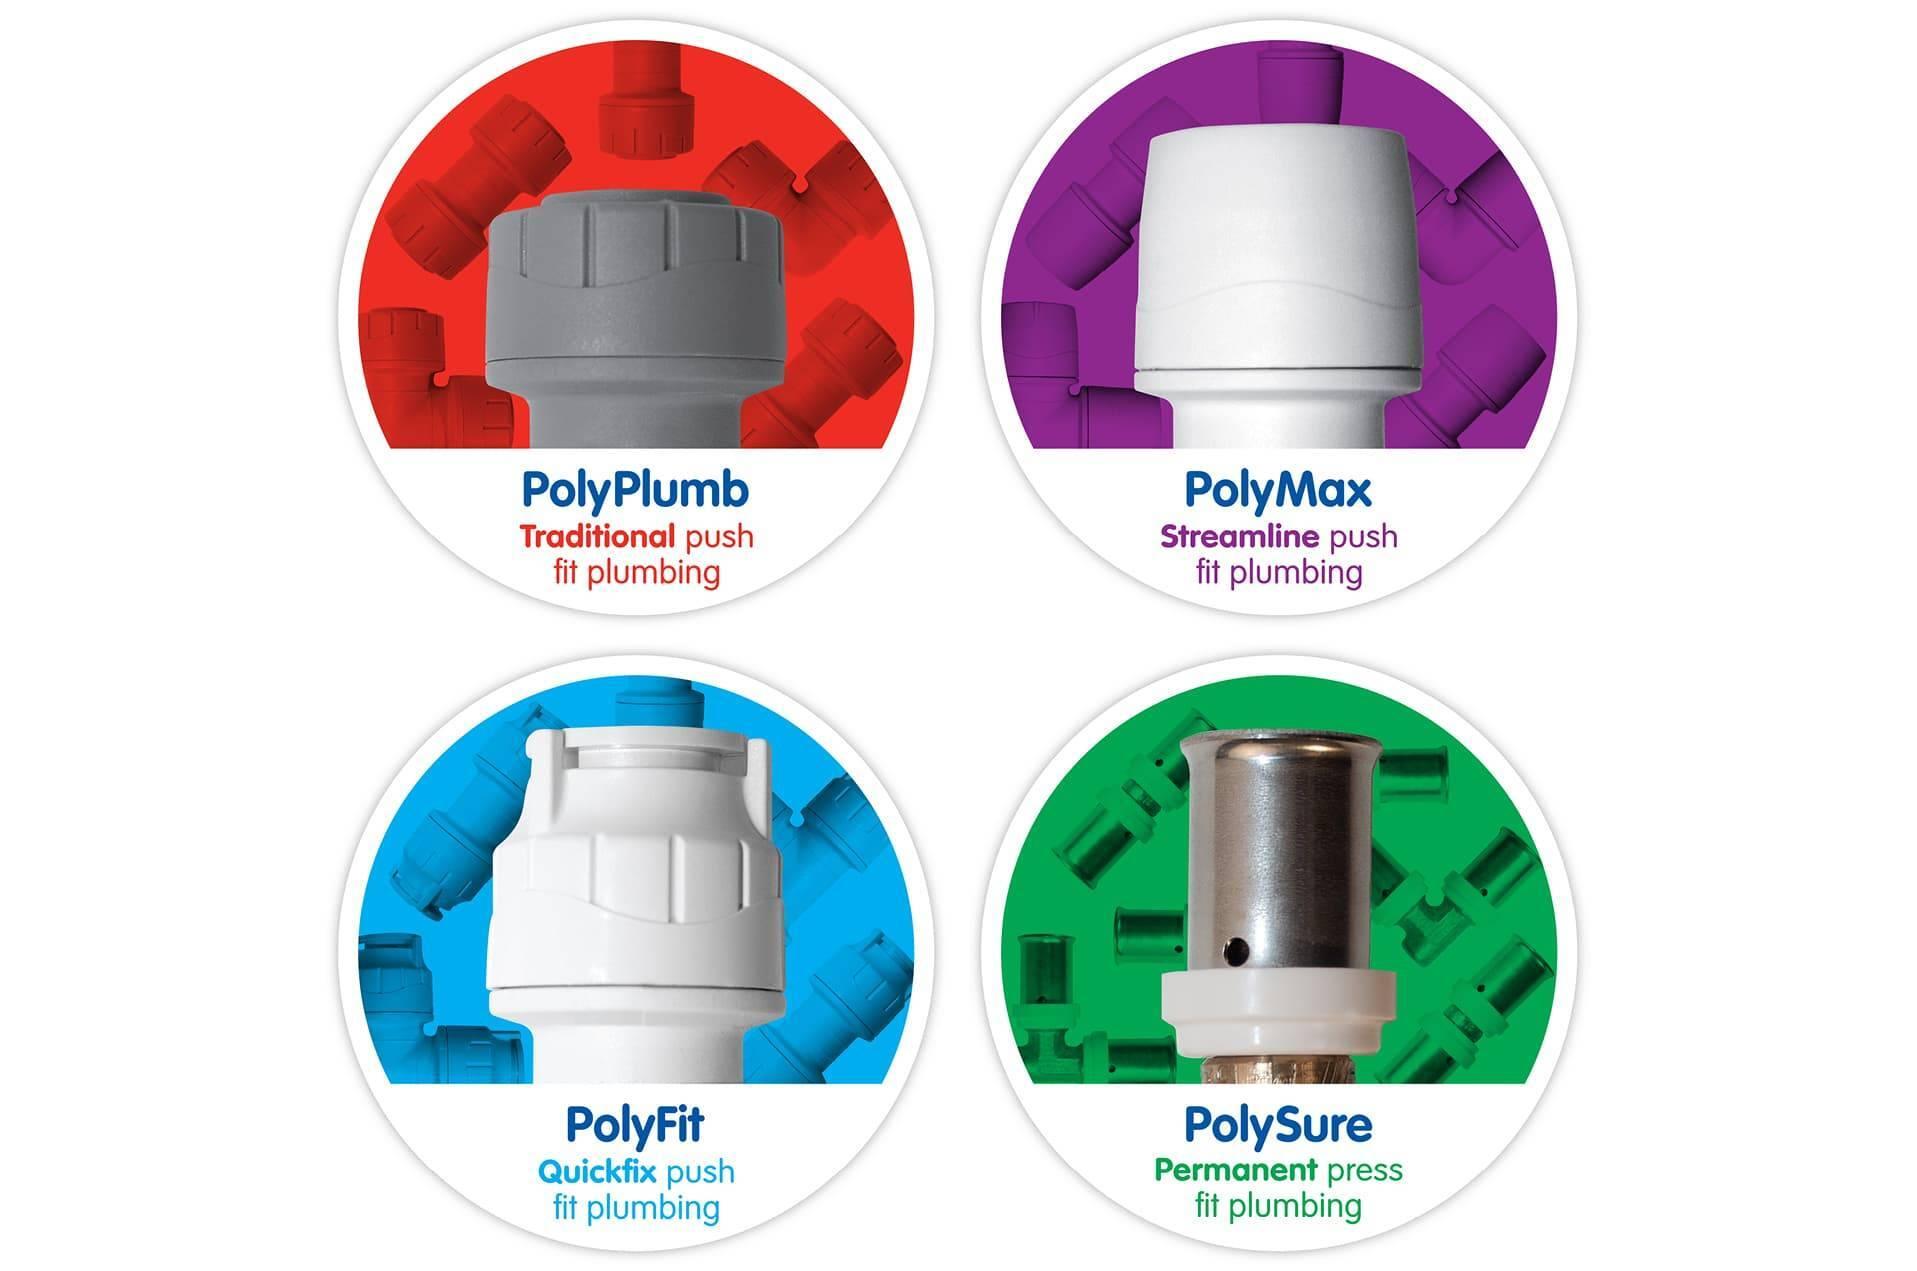 Four Versatile Push Fit Ranges